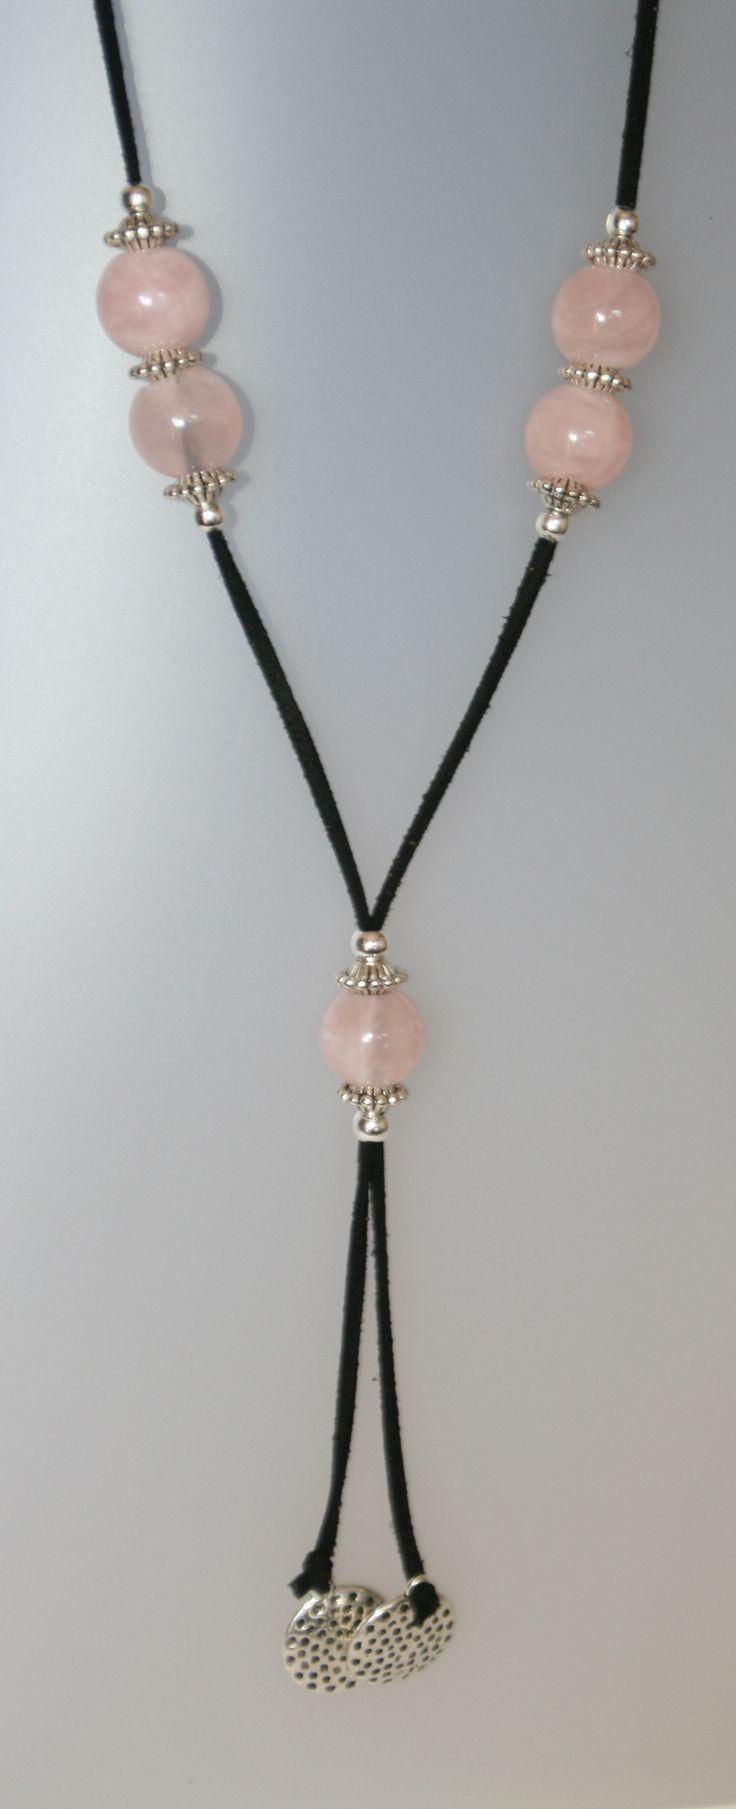 Collar de cuarzo rosa, 15 mm de diámetro, antelina negra i fornitures ajustables de metall platejades de la Col.lecció Fragments d'Àngels Canut. Una pieza.